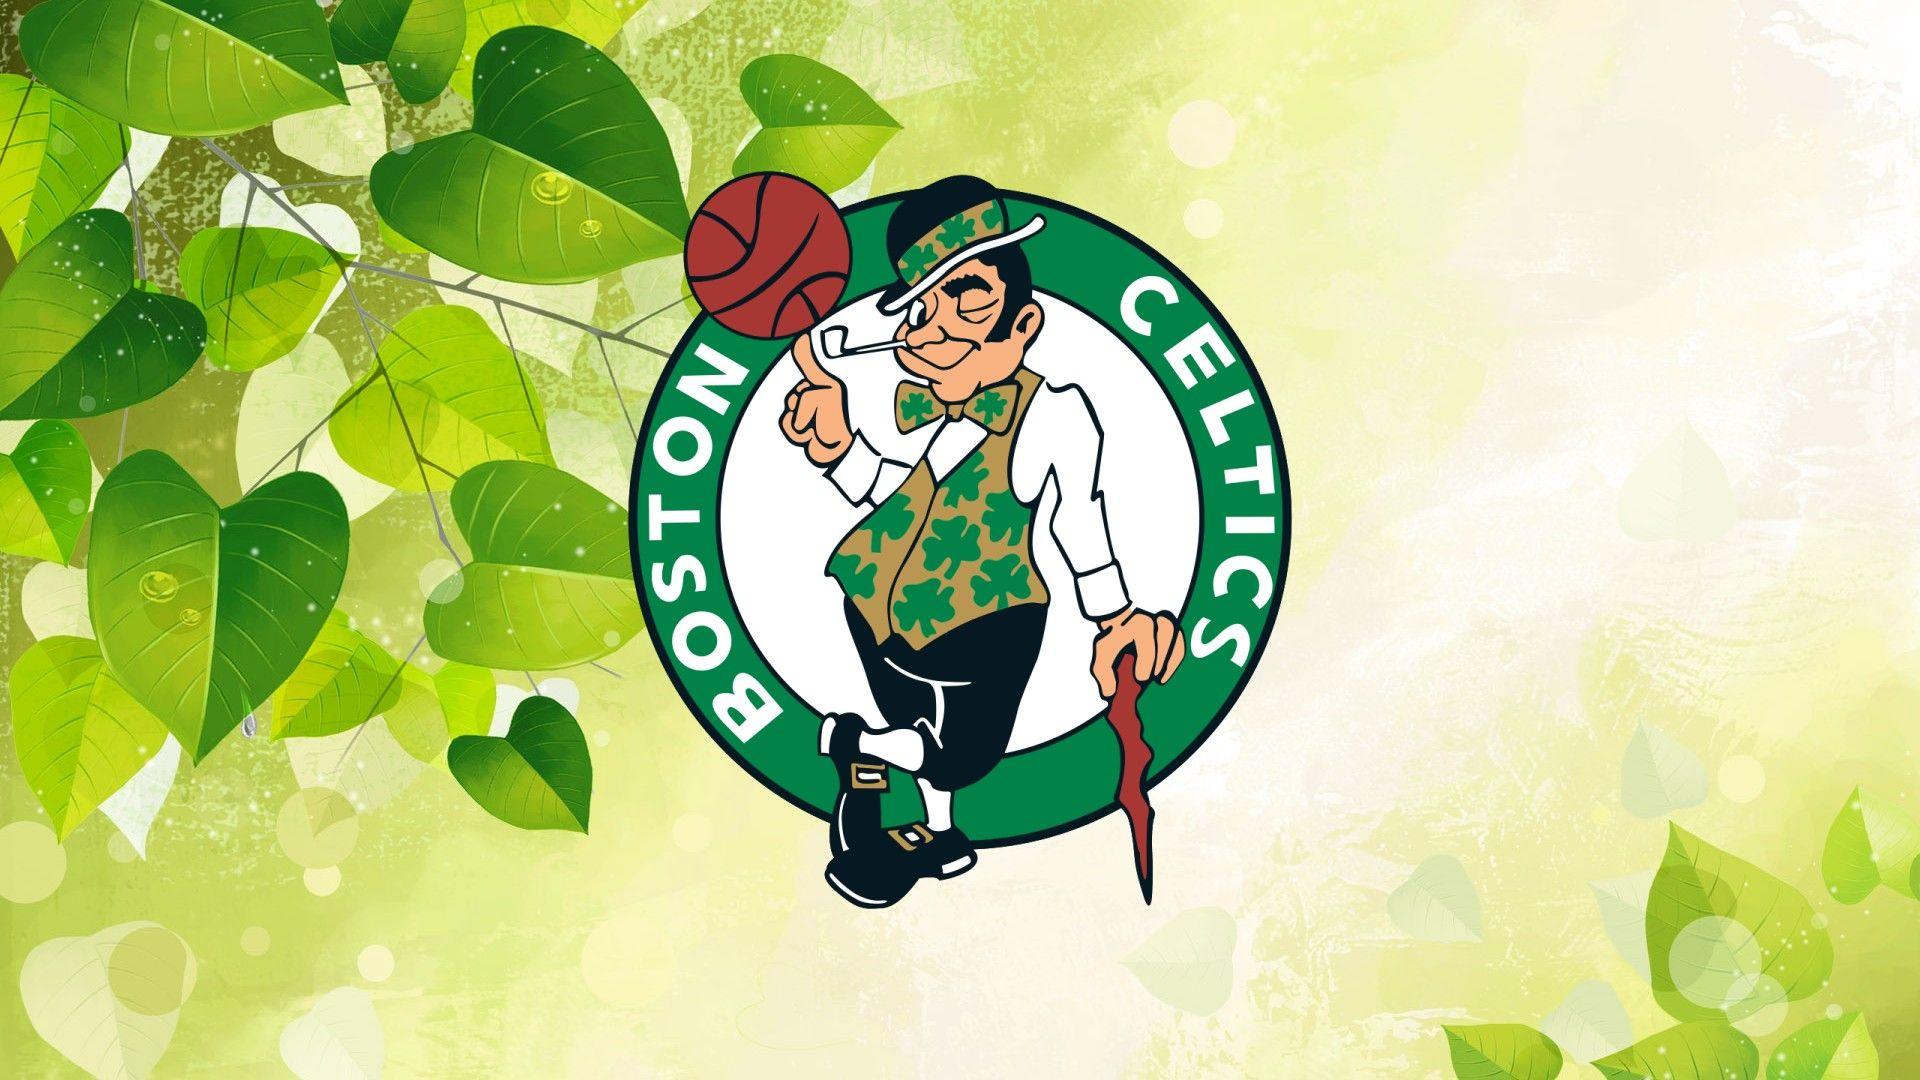 Boston Celtics Logo For Pc Wallpaper 2021 Basketball Wallpaper Boston Celtics Logo Boston Celtics Basketball Wallpaper